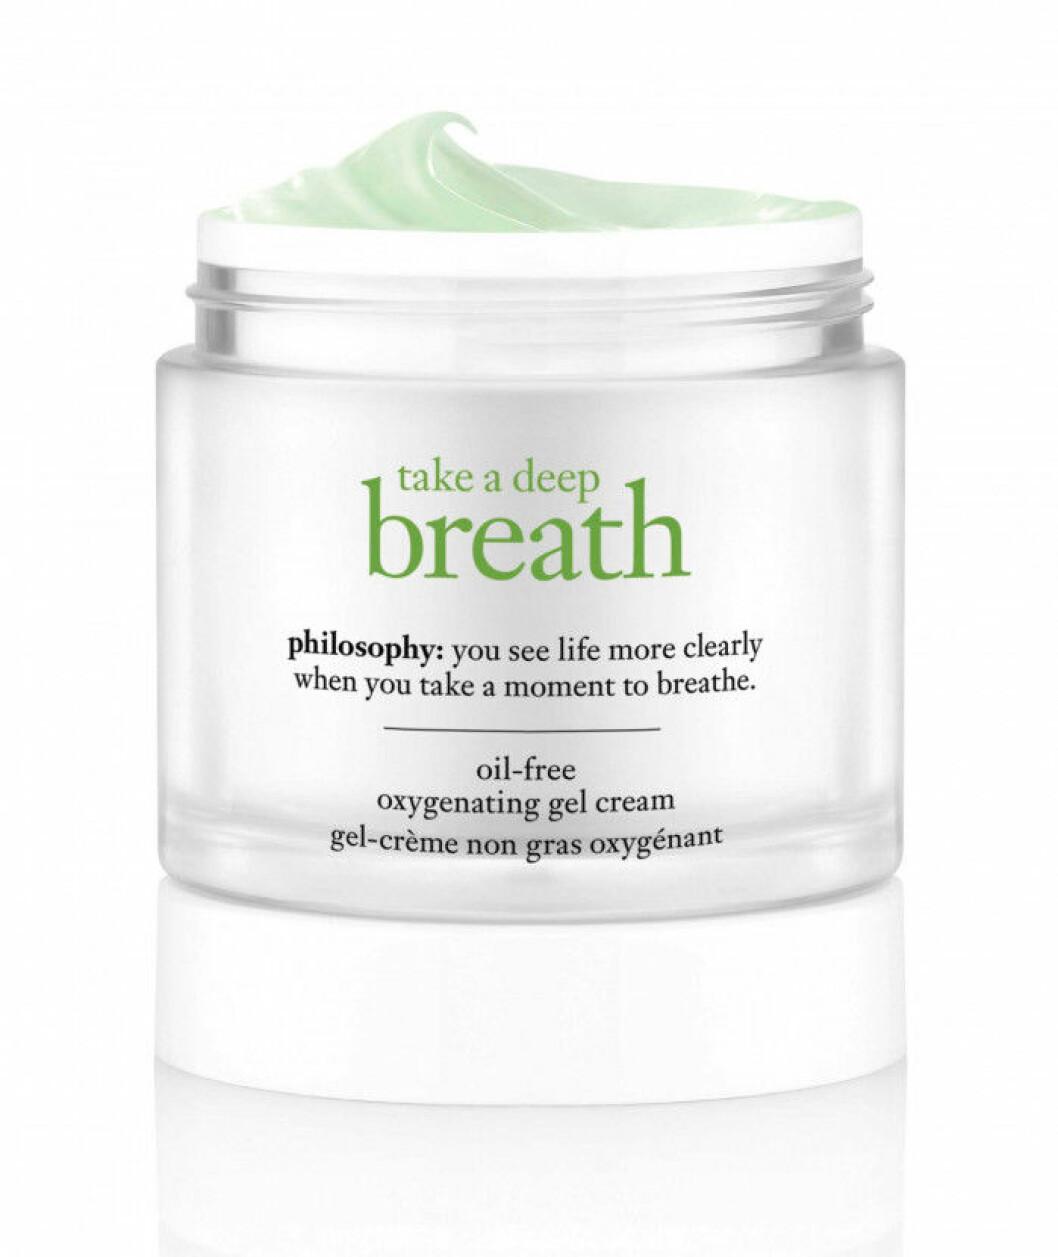 Take-a-deep-breath-Oil-Free-Oxygenating-Gel-Cream-Philosophy